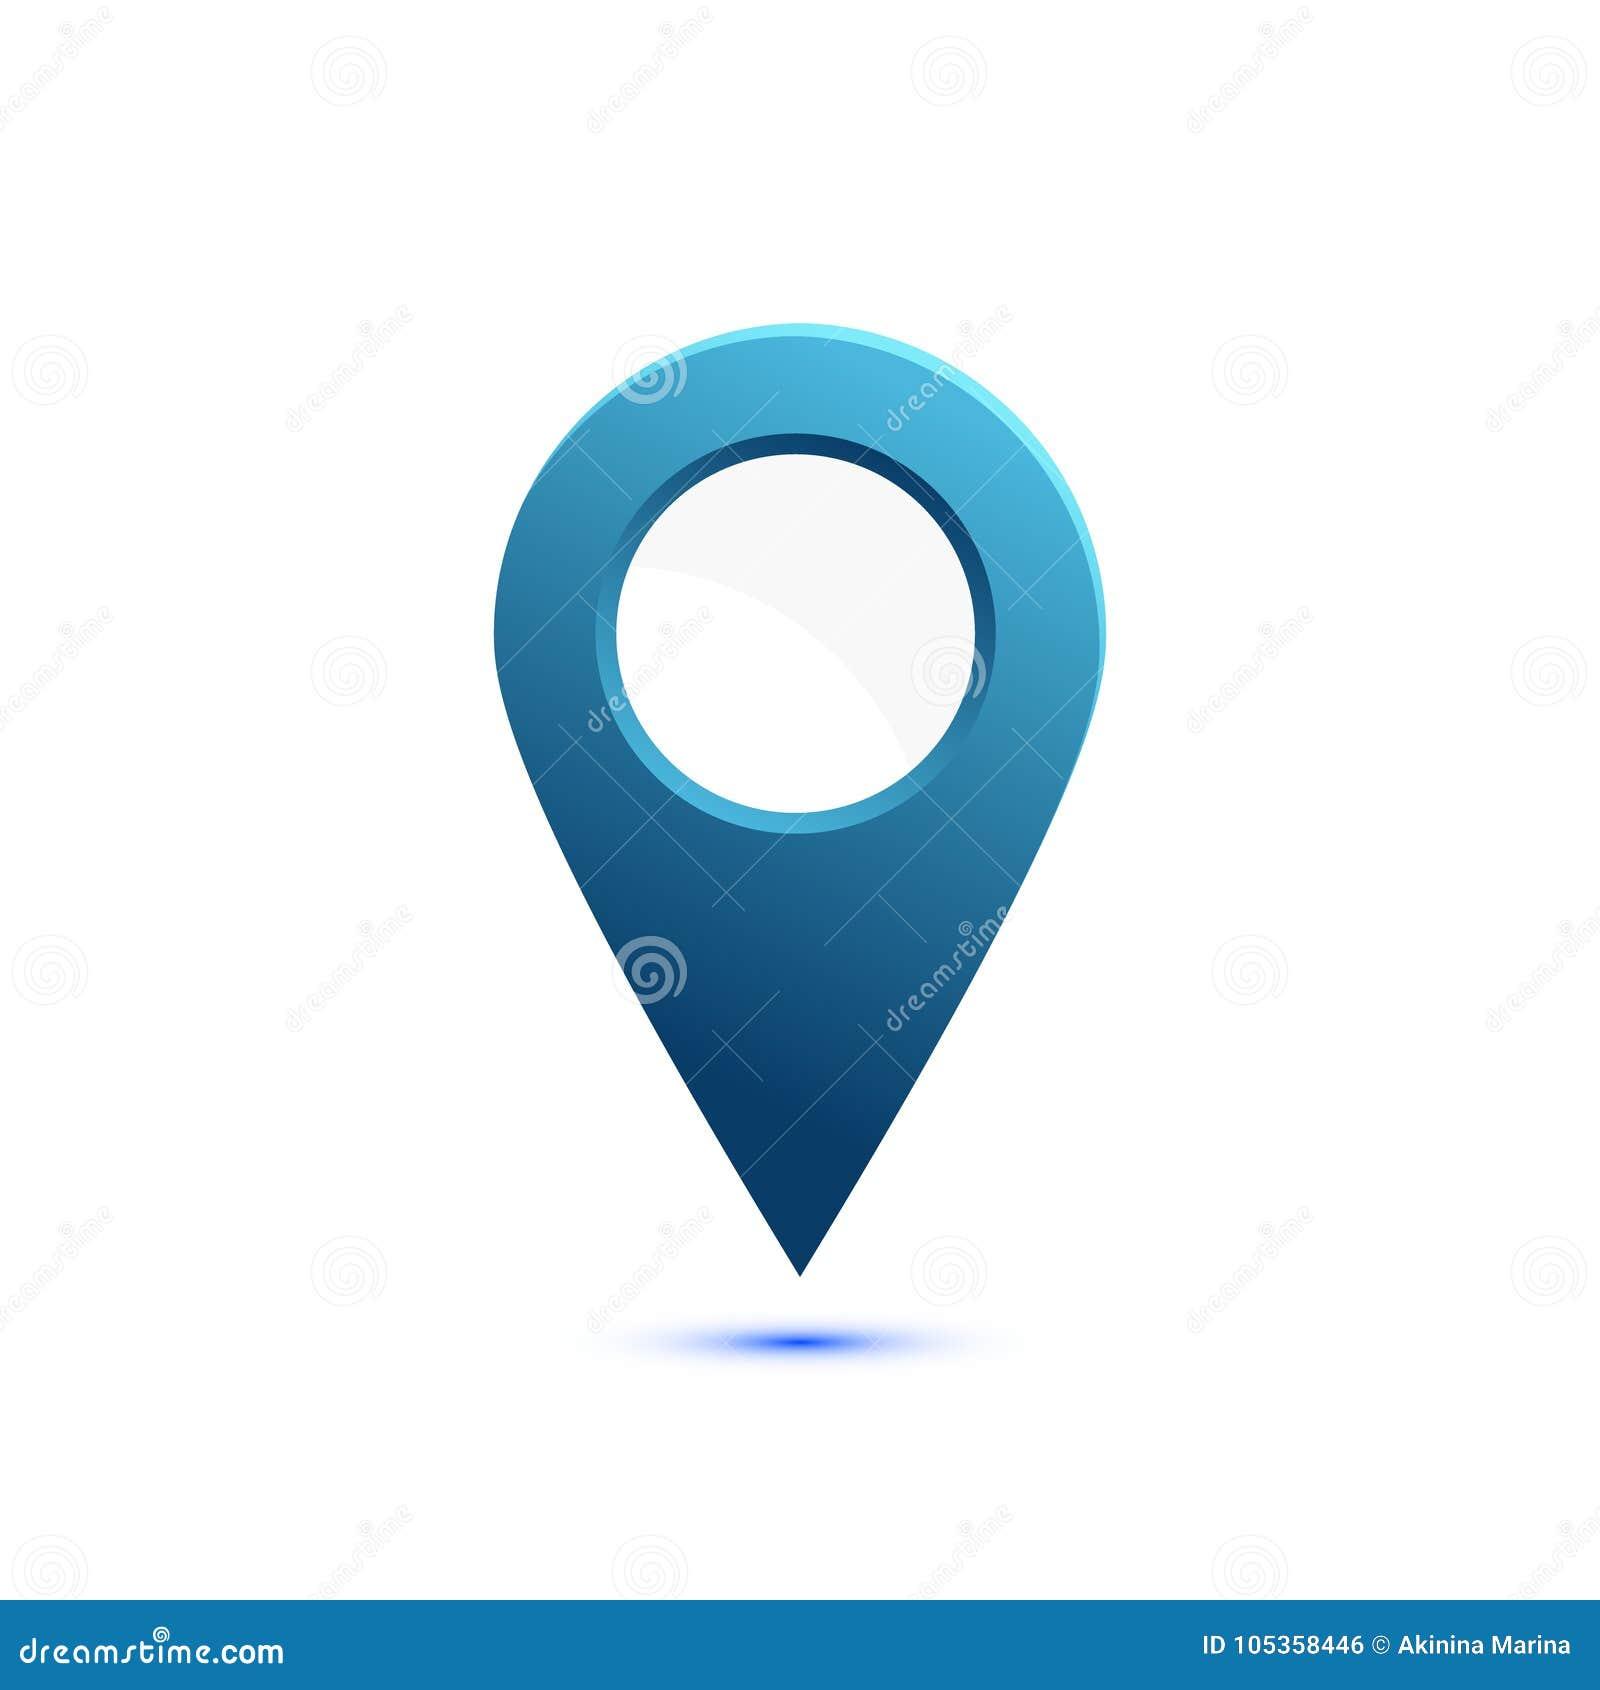 Ícone liso colorido, projeto do vetor com sombra Ponteiro do mapa com círculo branco para o texto Marcador simples